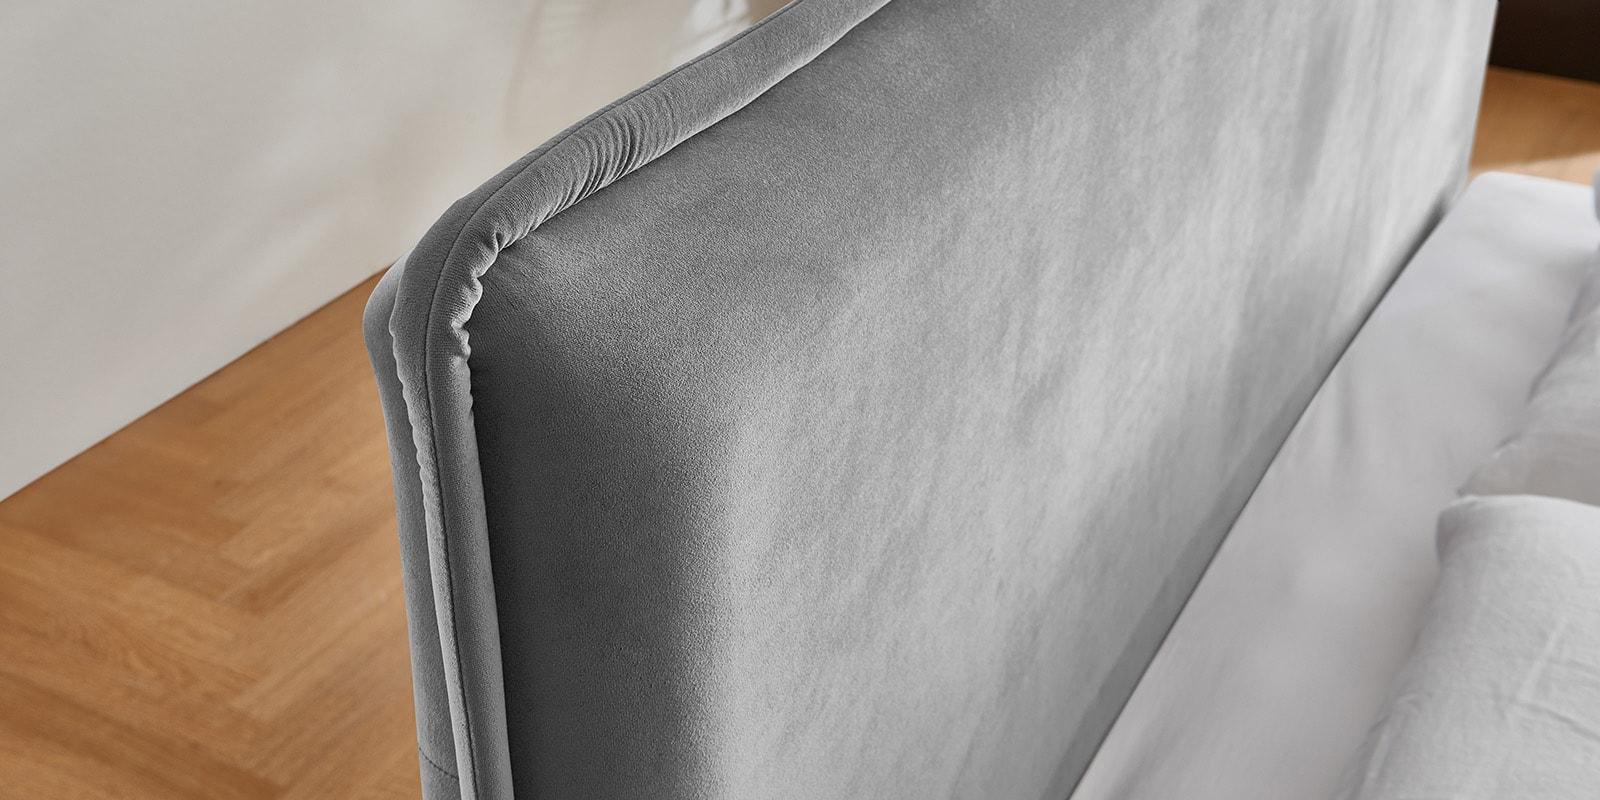 Moebella24 - Bett - mit - Bettkasten - Sofia - Samt - Grau - Stauraum - Kopfteil - Detailaufnahme